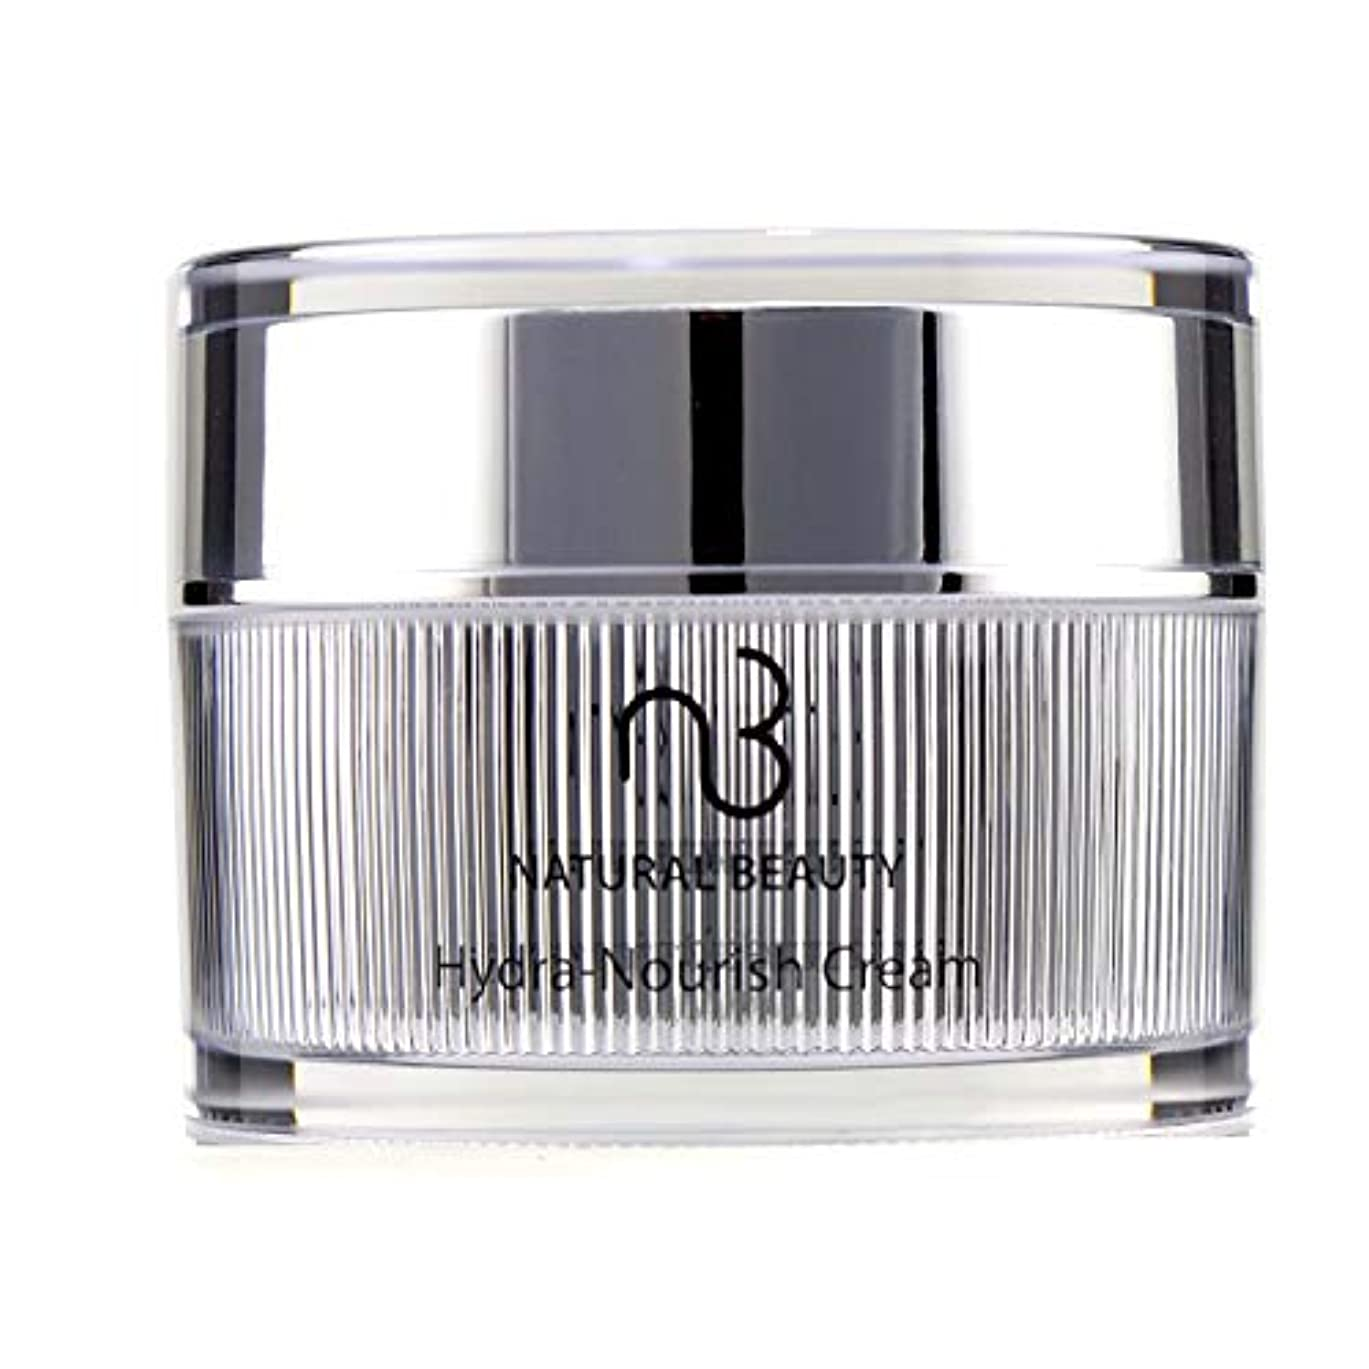 ばかげた適性ペースト自然の美 ハイドラナリッシュクリーム Natural Beauty Hydra-Nourish Cream 30ml/1oz並行輸入品